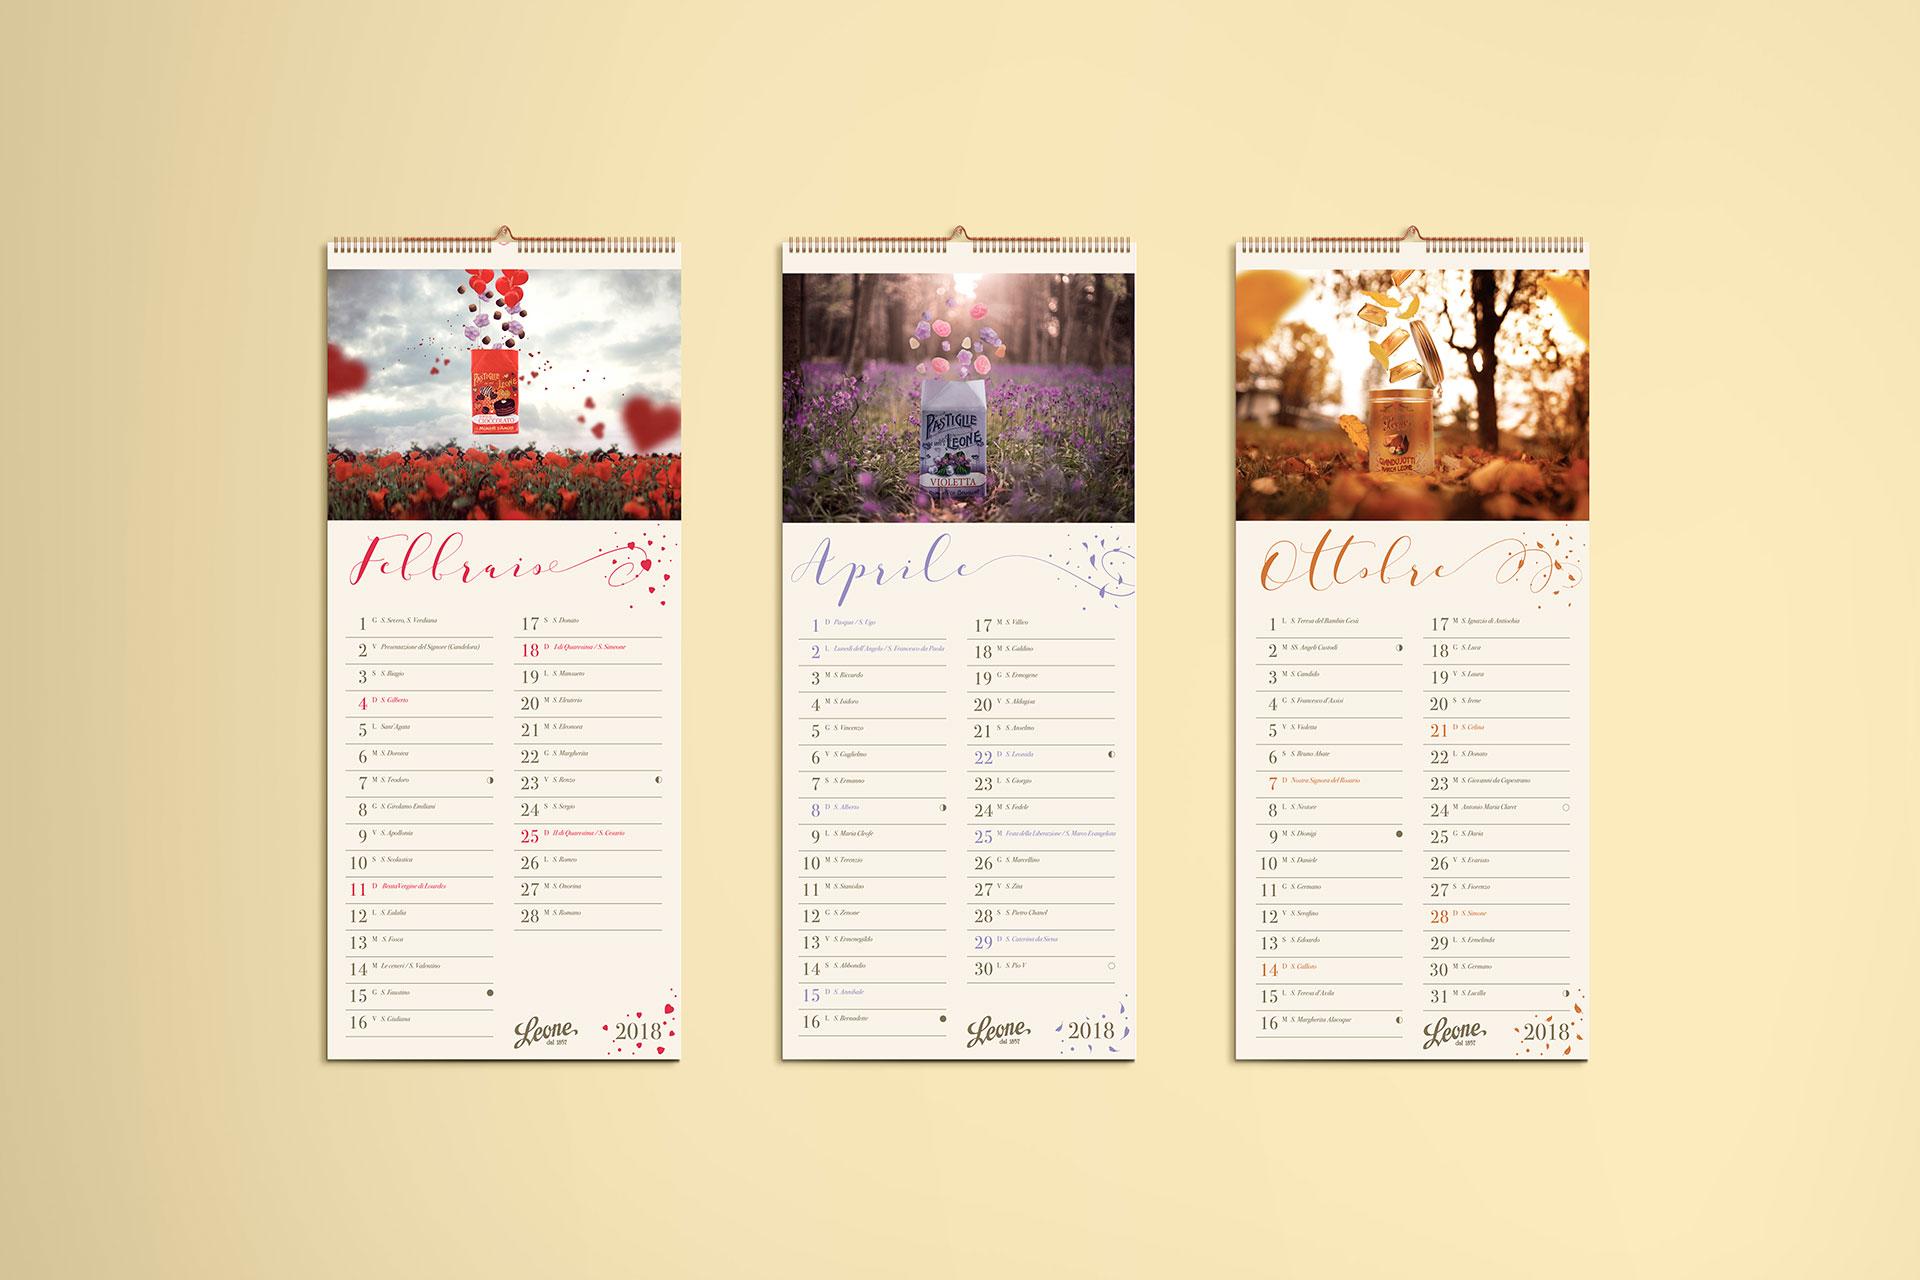 Calendario M.Calendario Leone 2018 Volume1